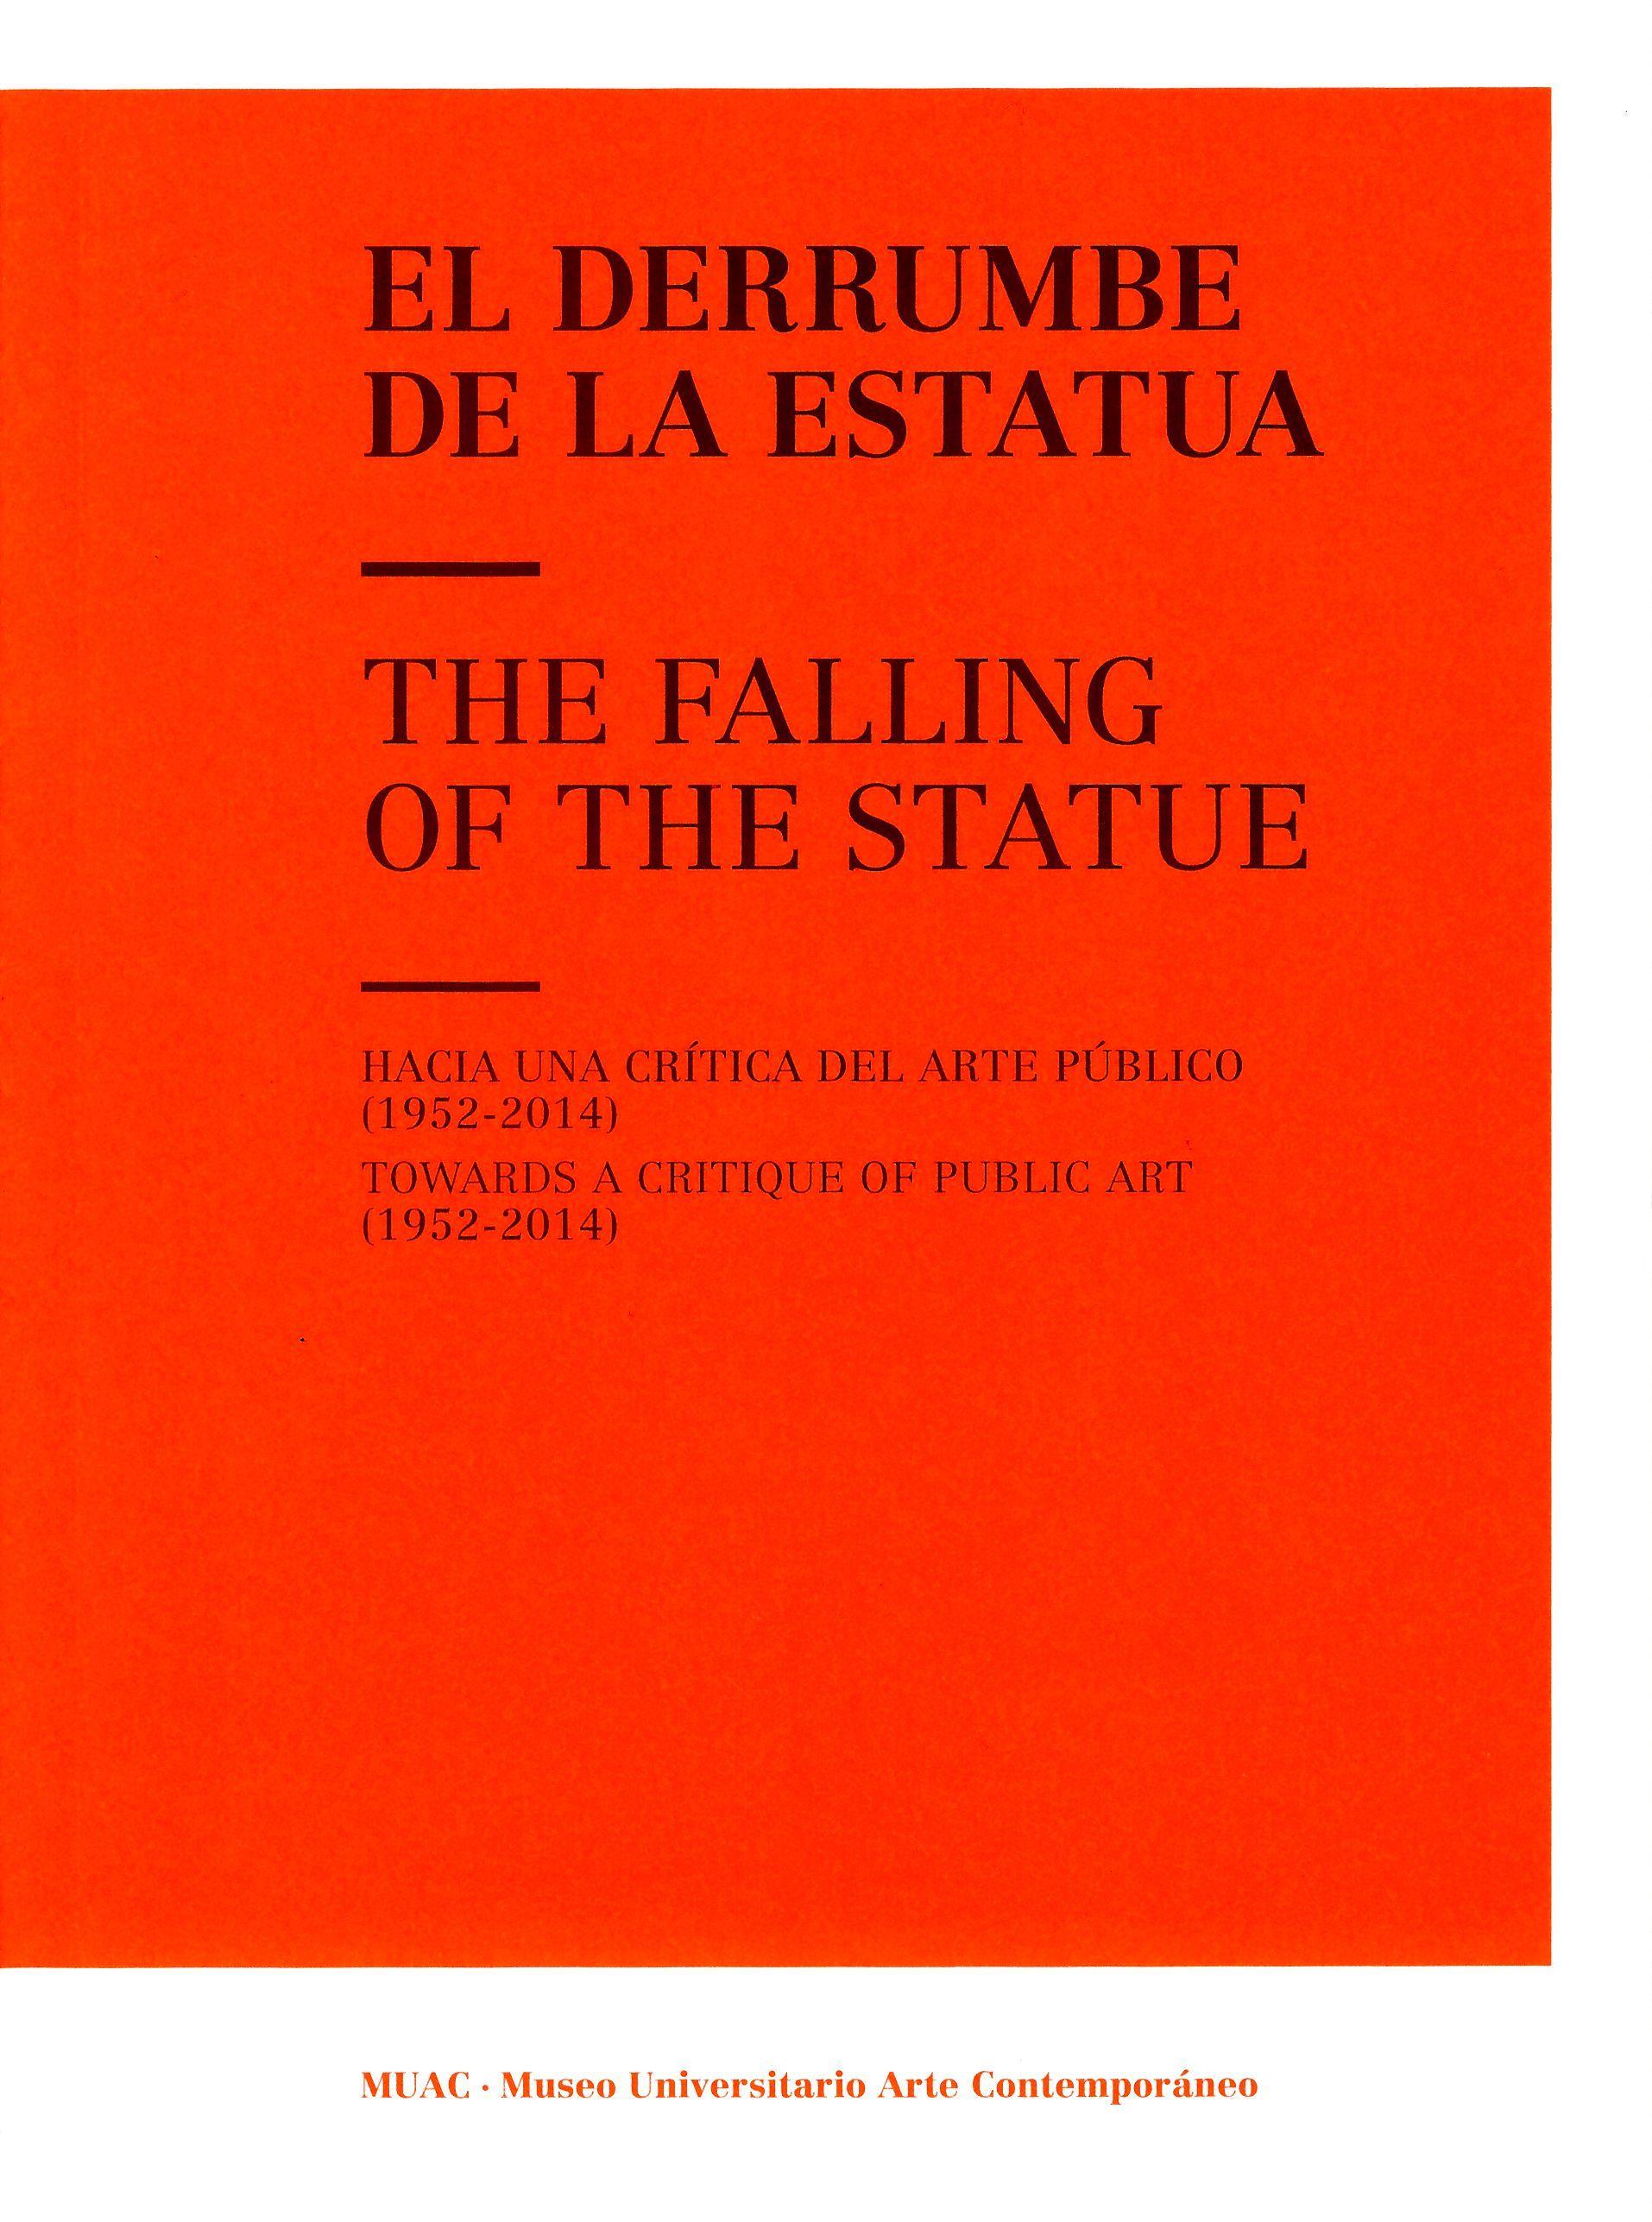 El derrumbe de la estatua